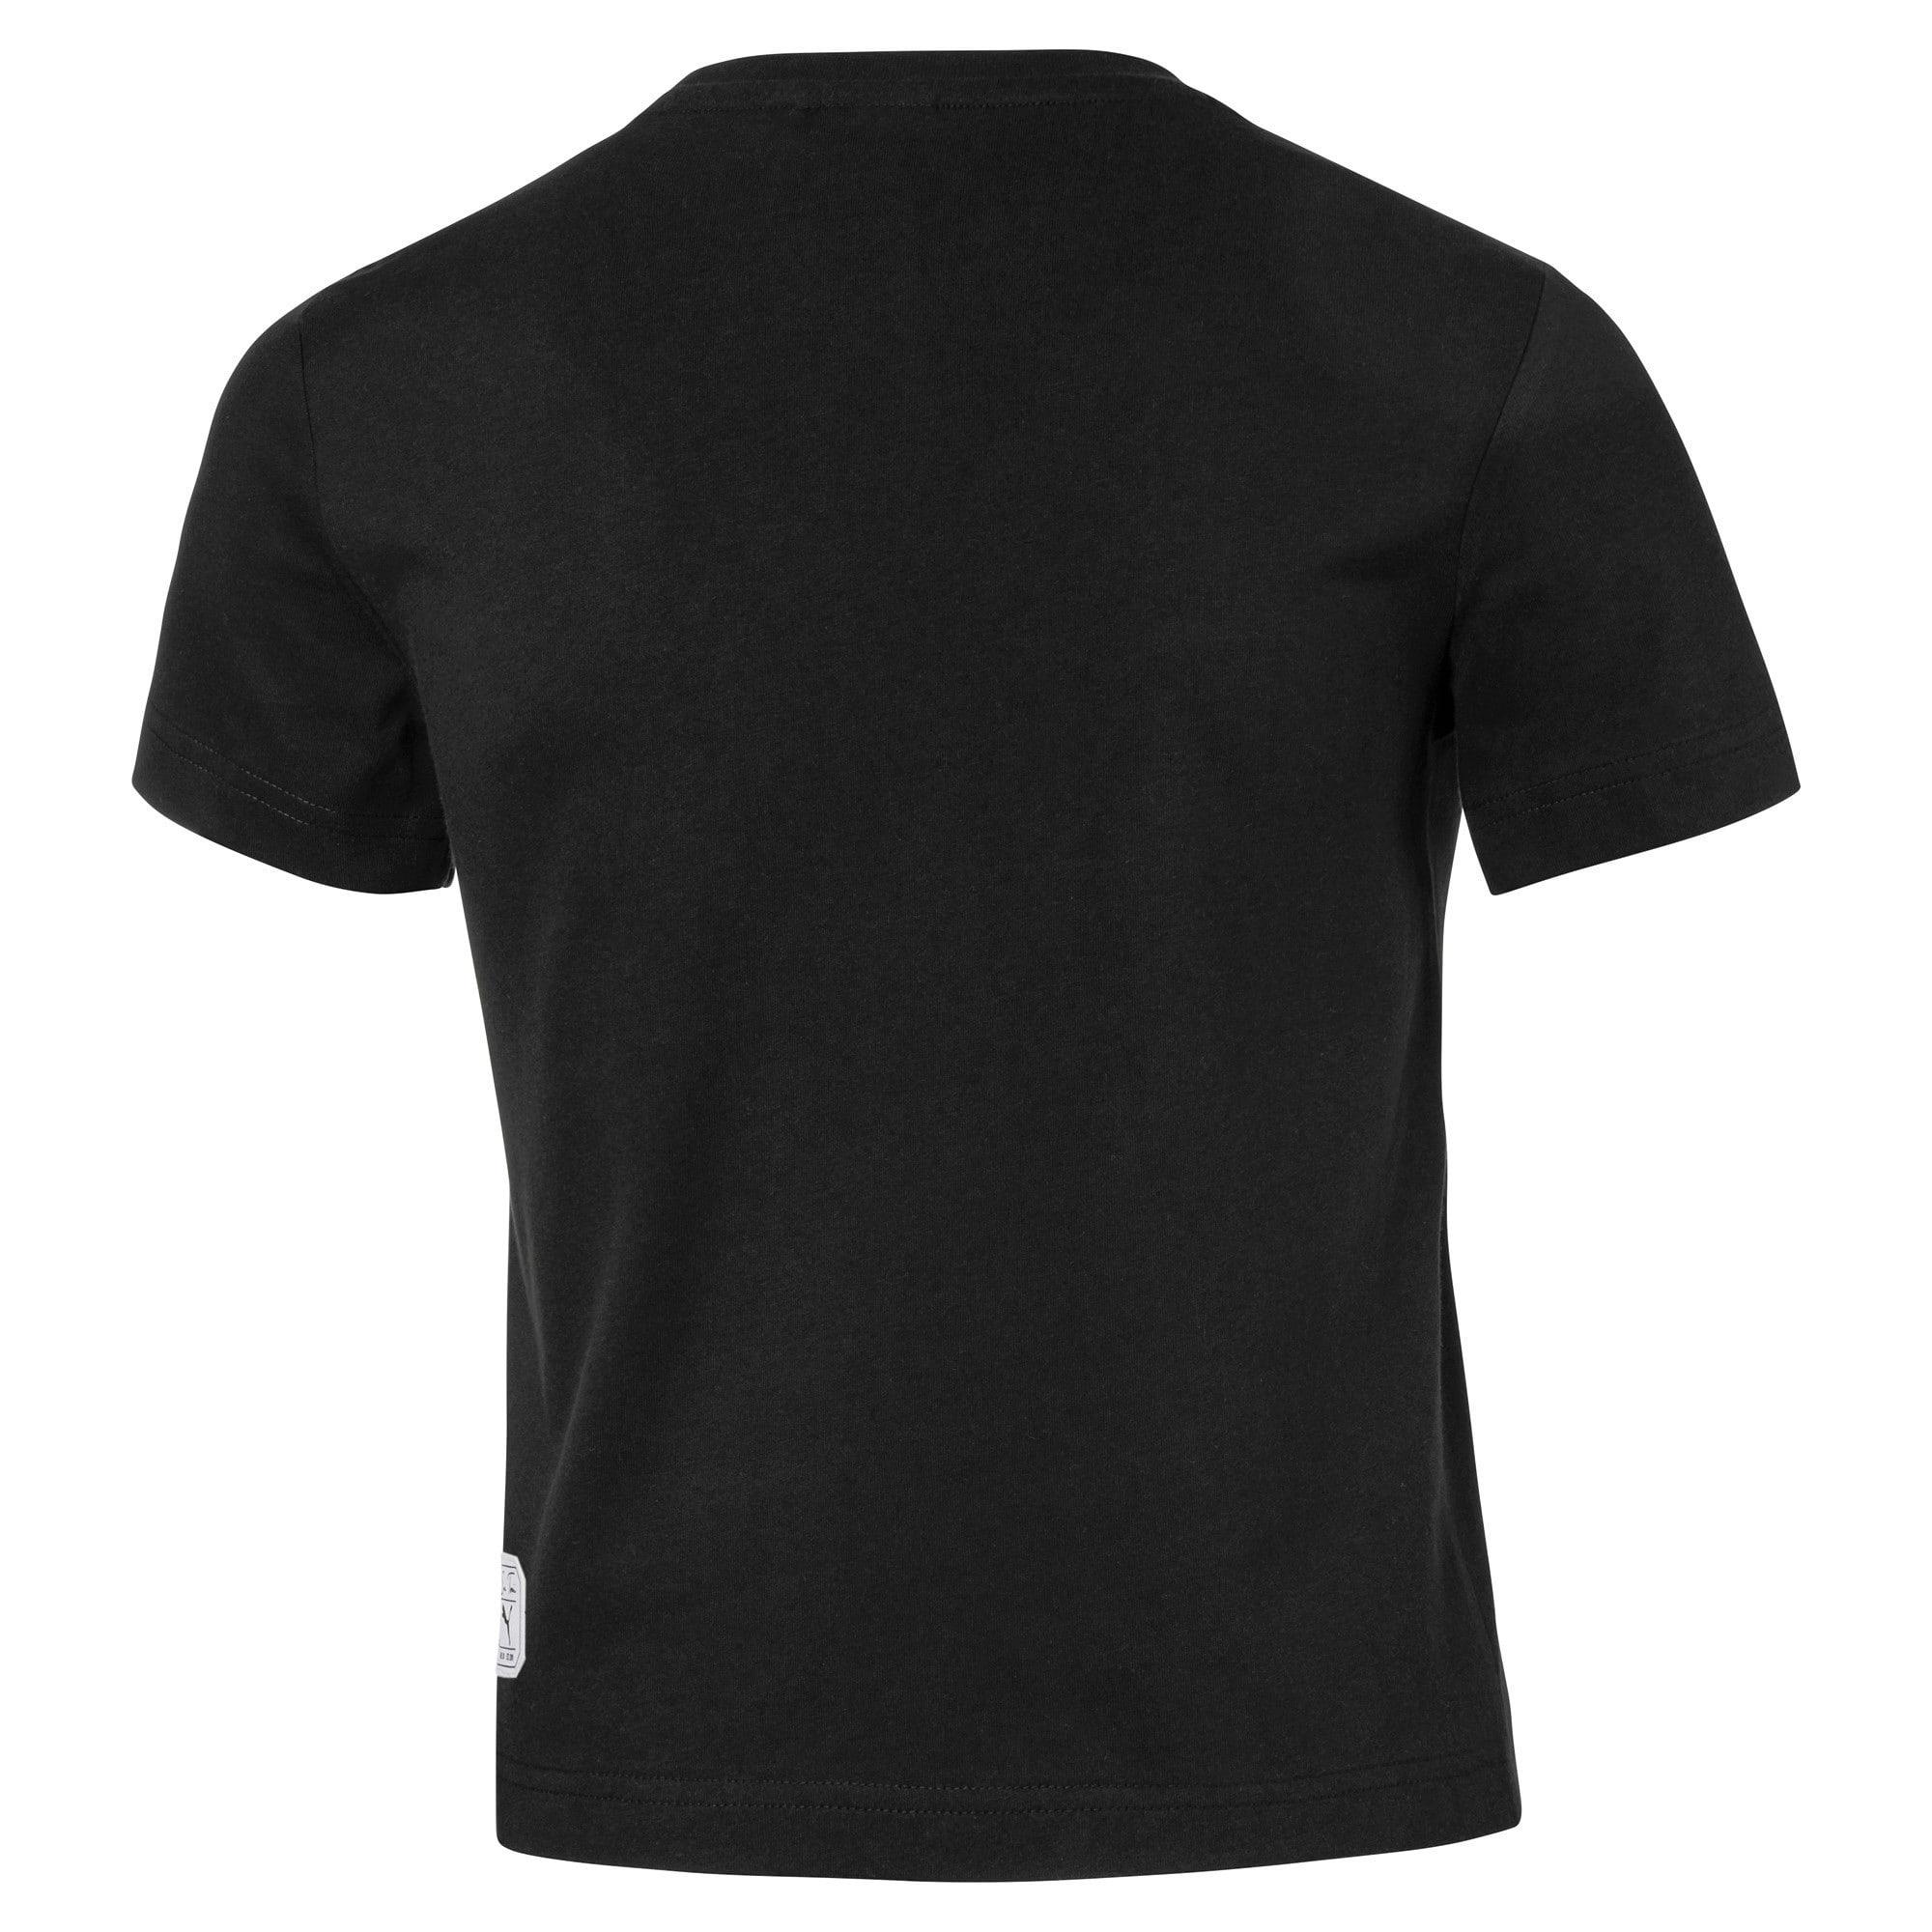 Miniatura 2 de Camiseta PUMA x SUE TSAI de mujer, Puma Black, mediano